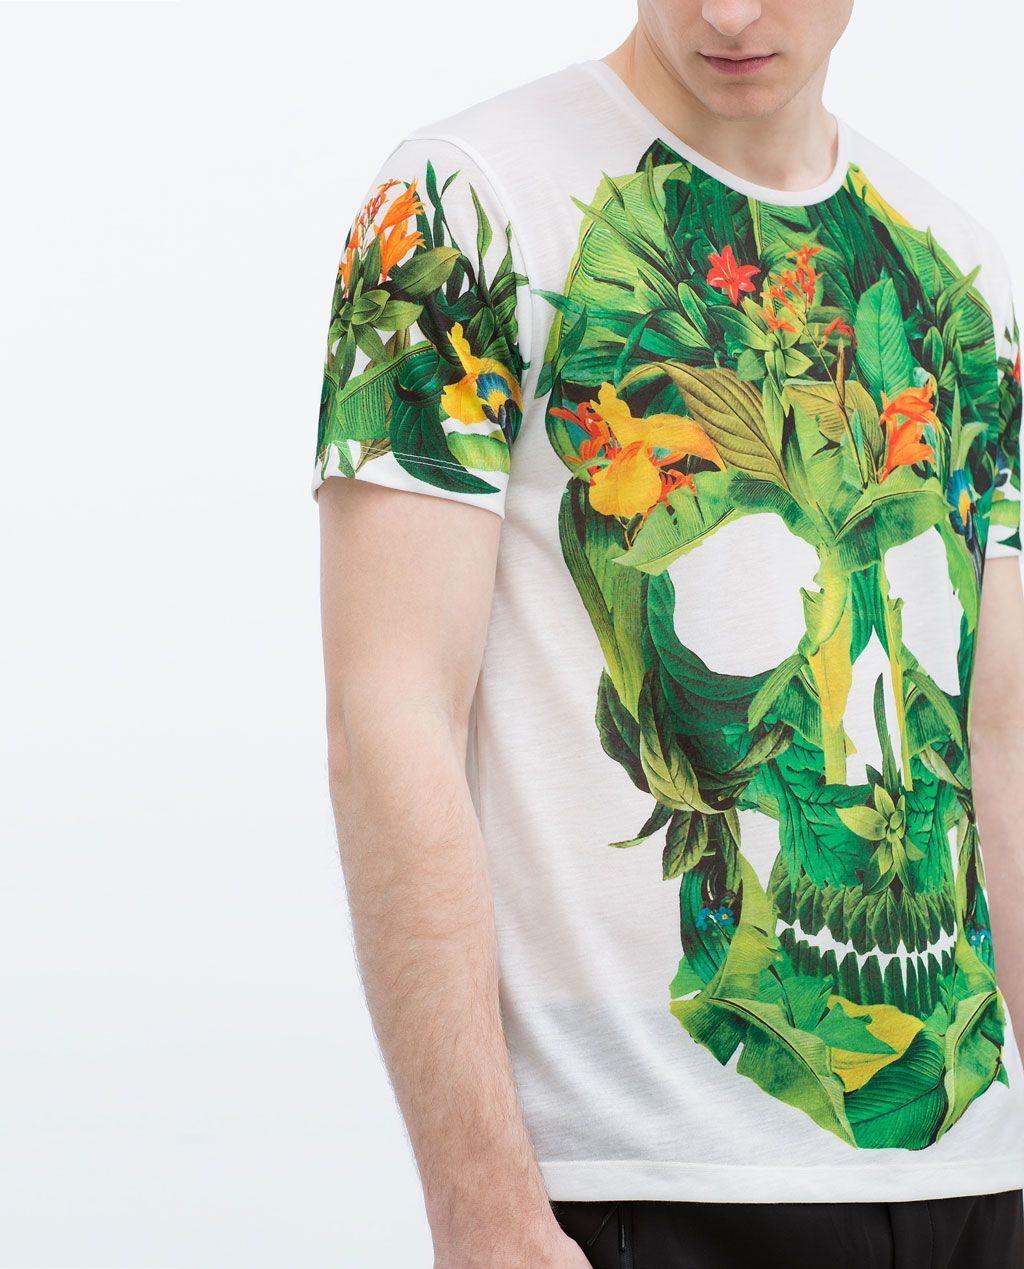 ZARA HOMBRE Camiseta calavera flores | Calaveras flores